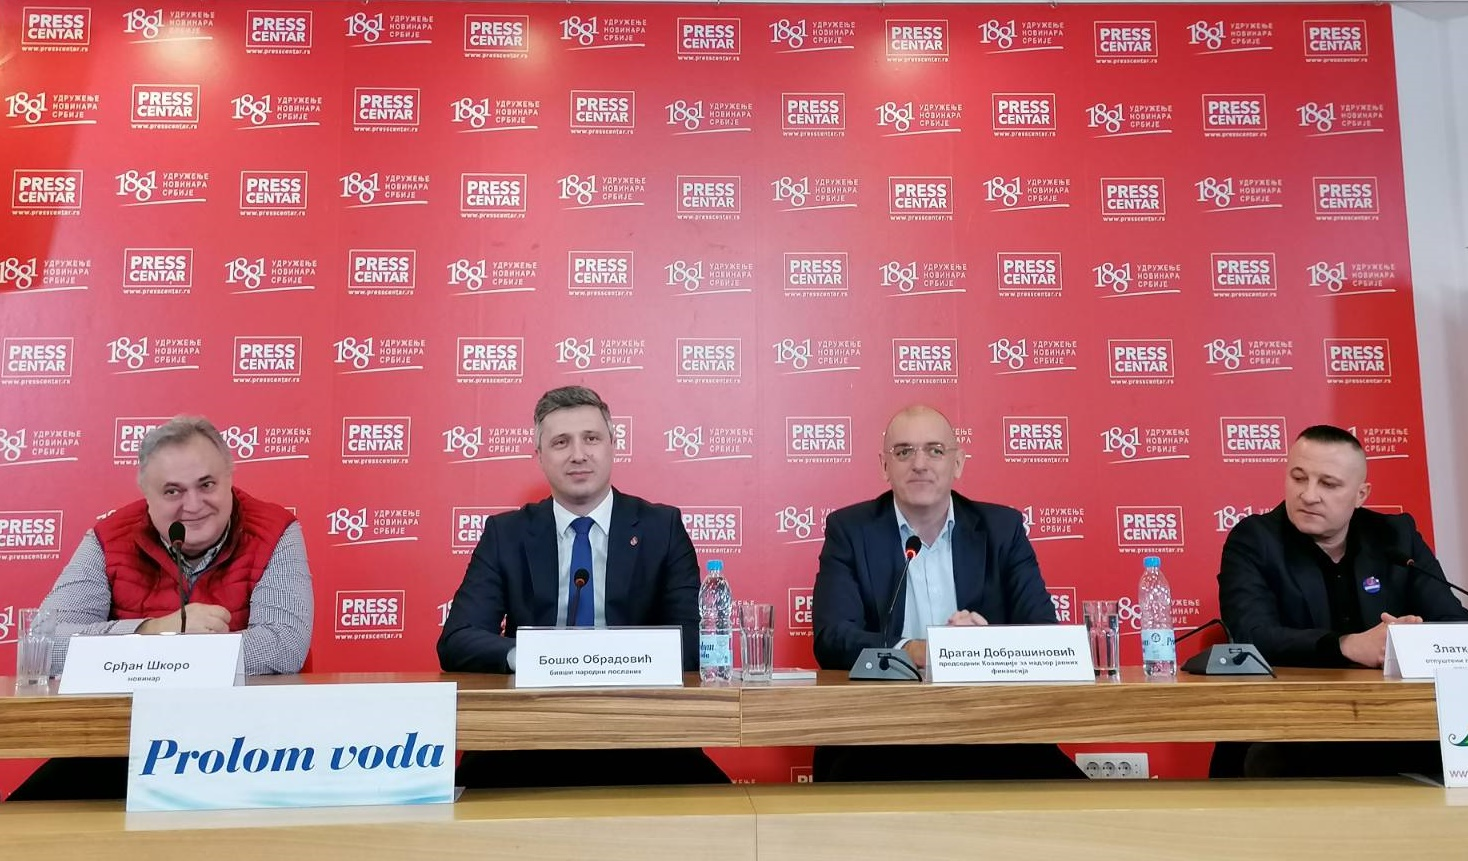 Учесници конференције за медије о промени система сагласни: Једино промена система гарантује опстанак Србије